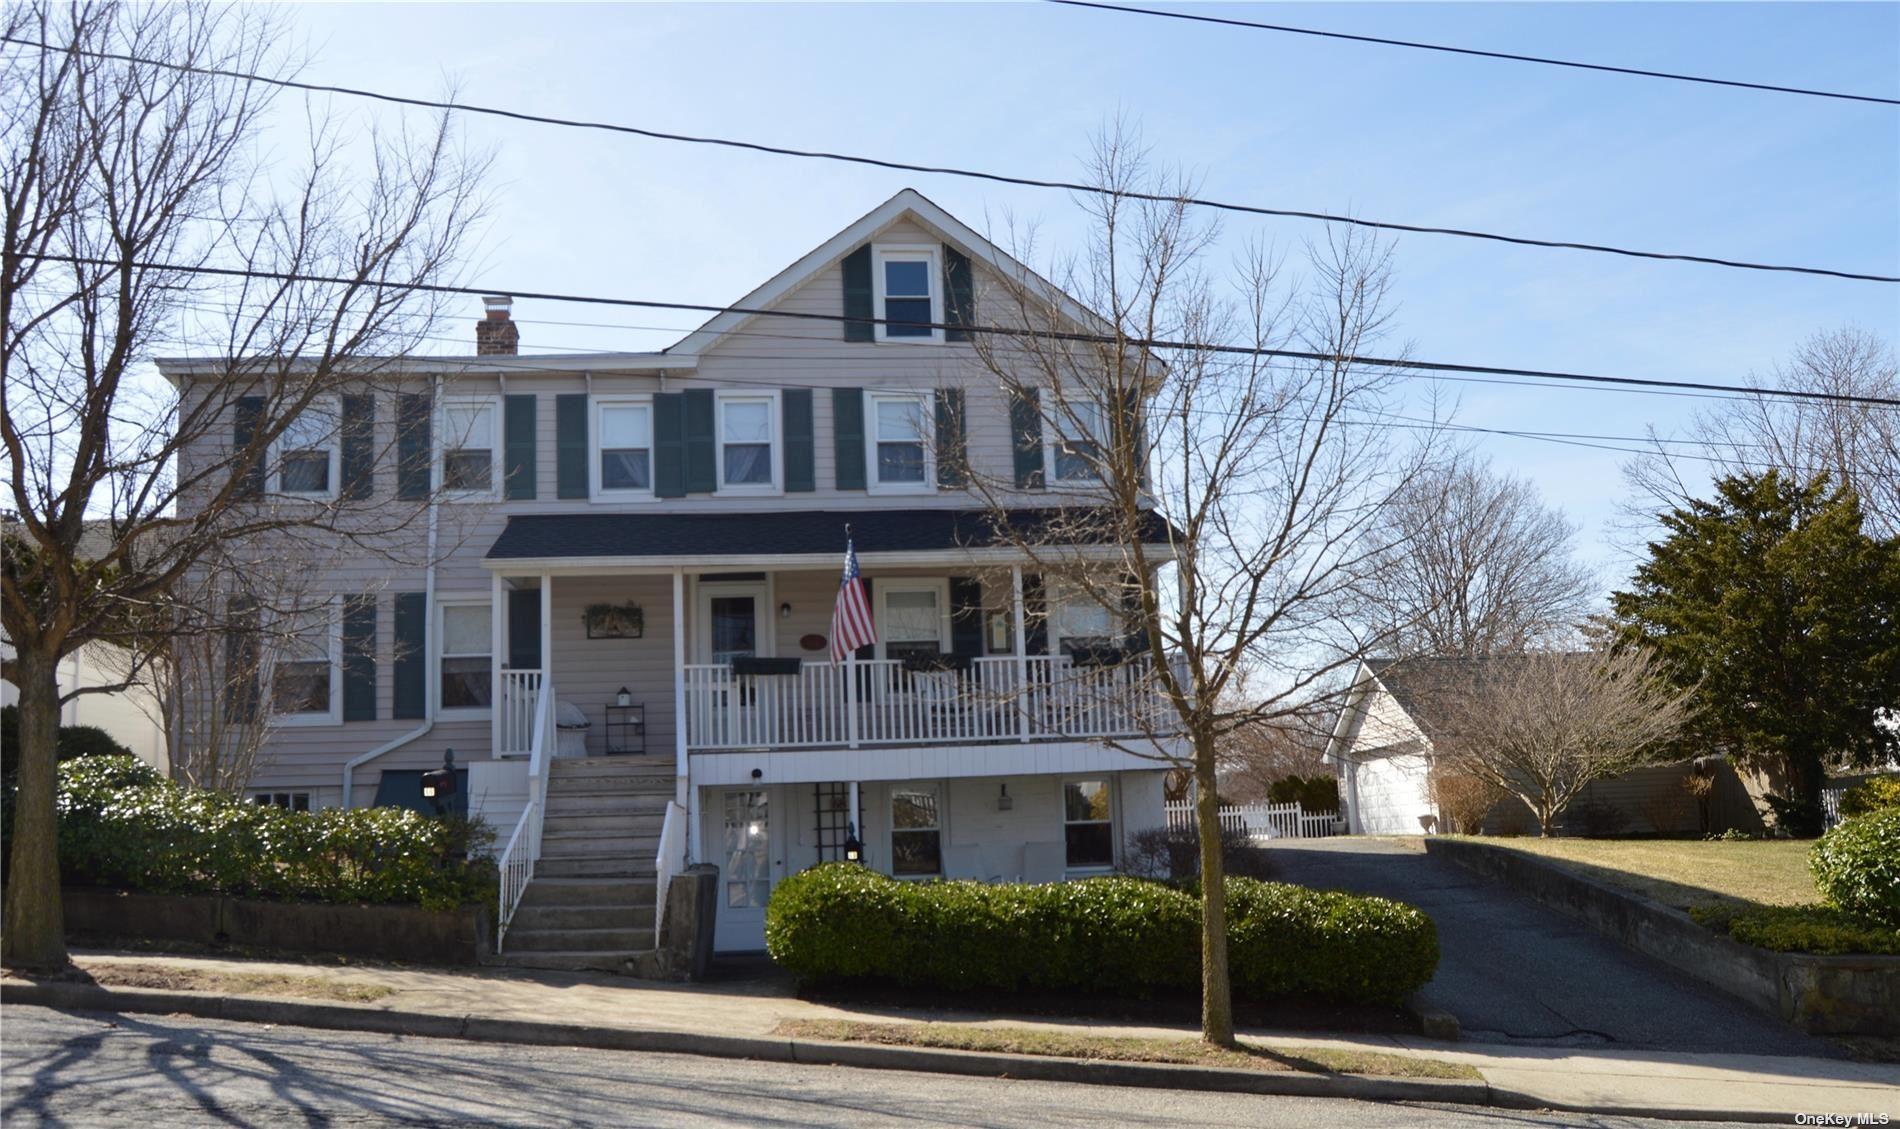 Photo of 66 Summit Street, Oyster Bay, NY 11771 (MLS # 3297523)